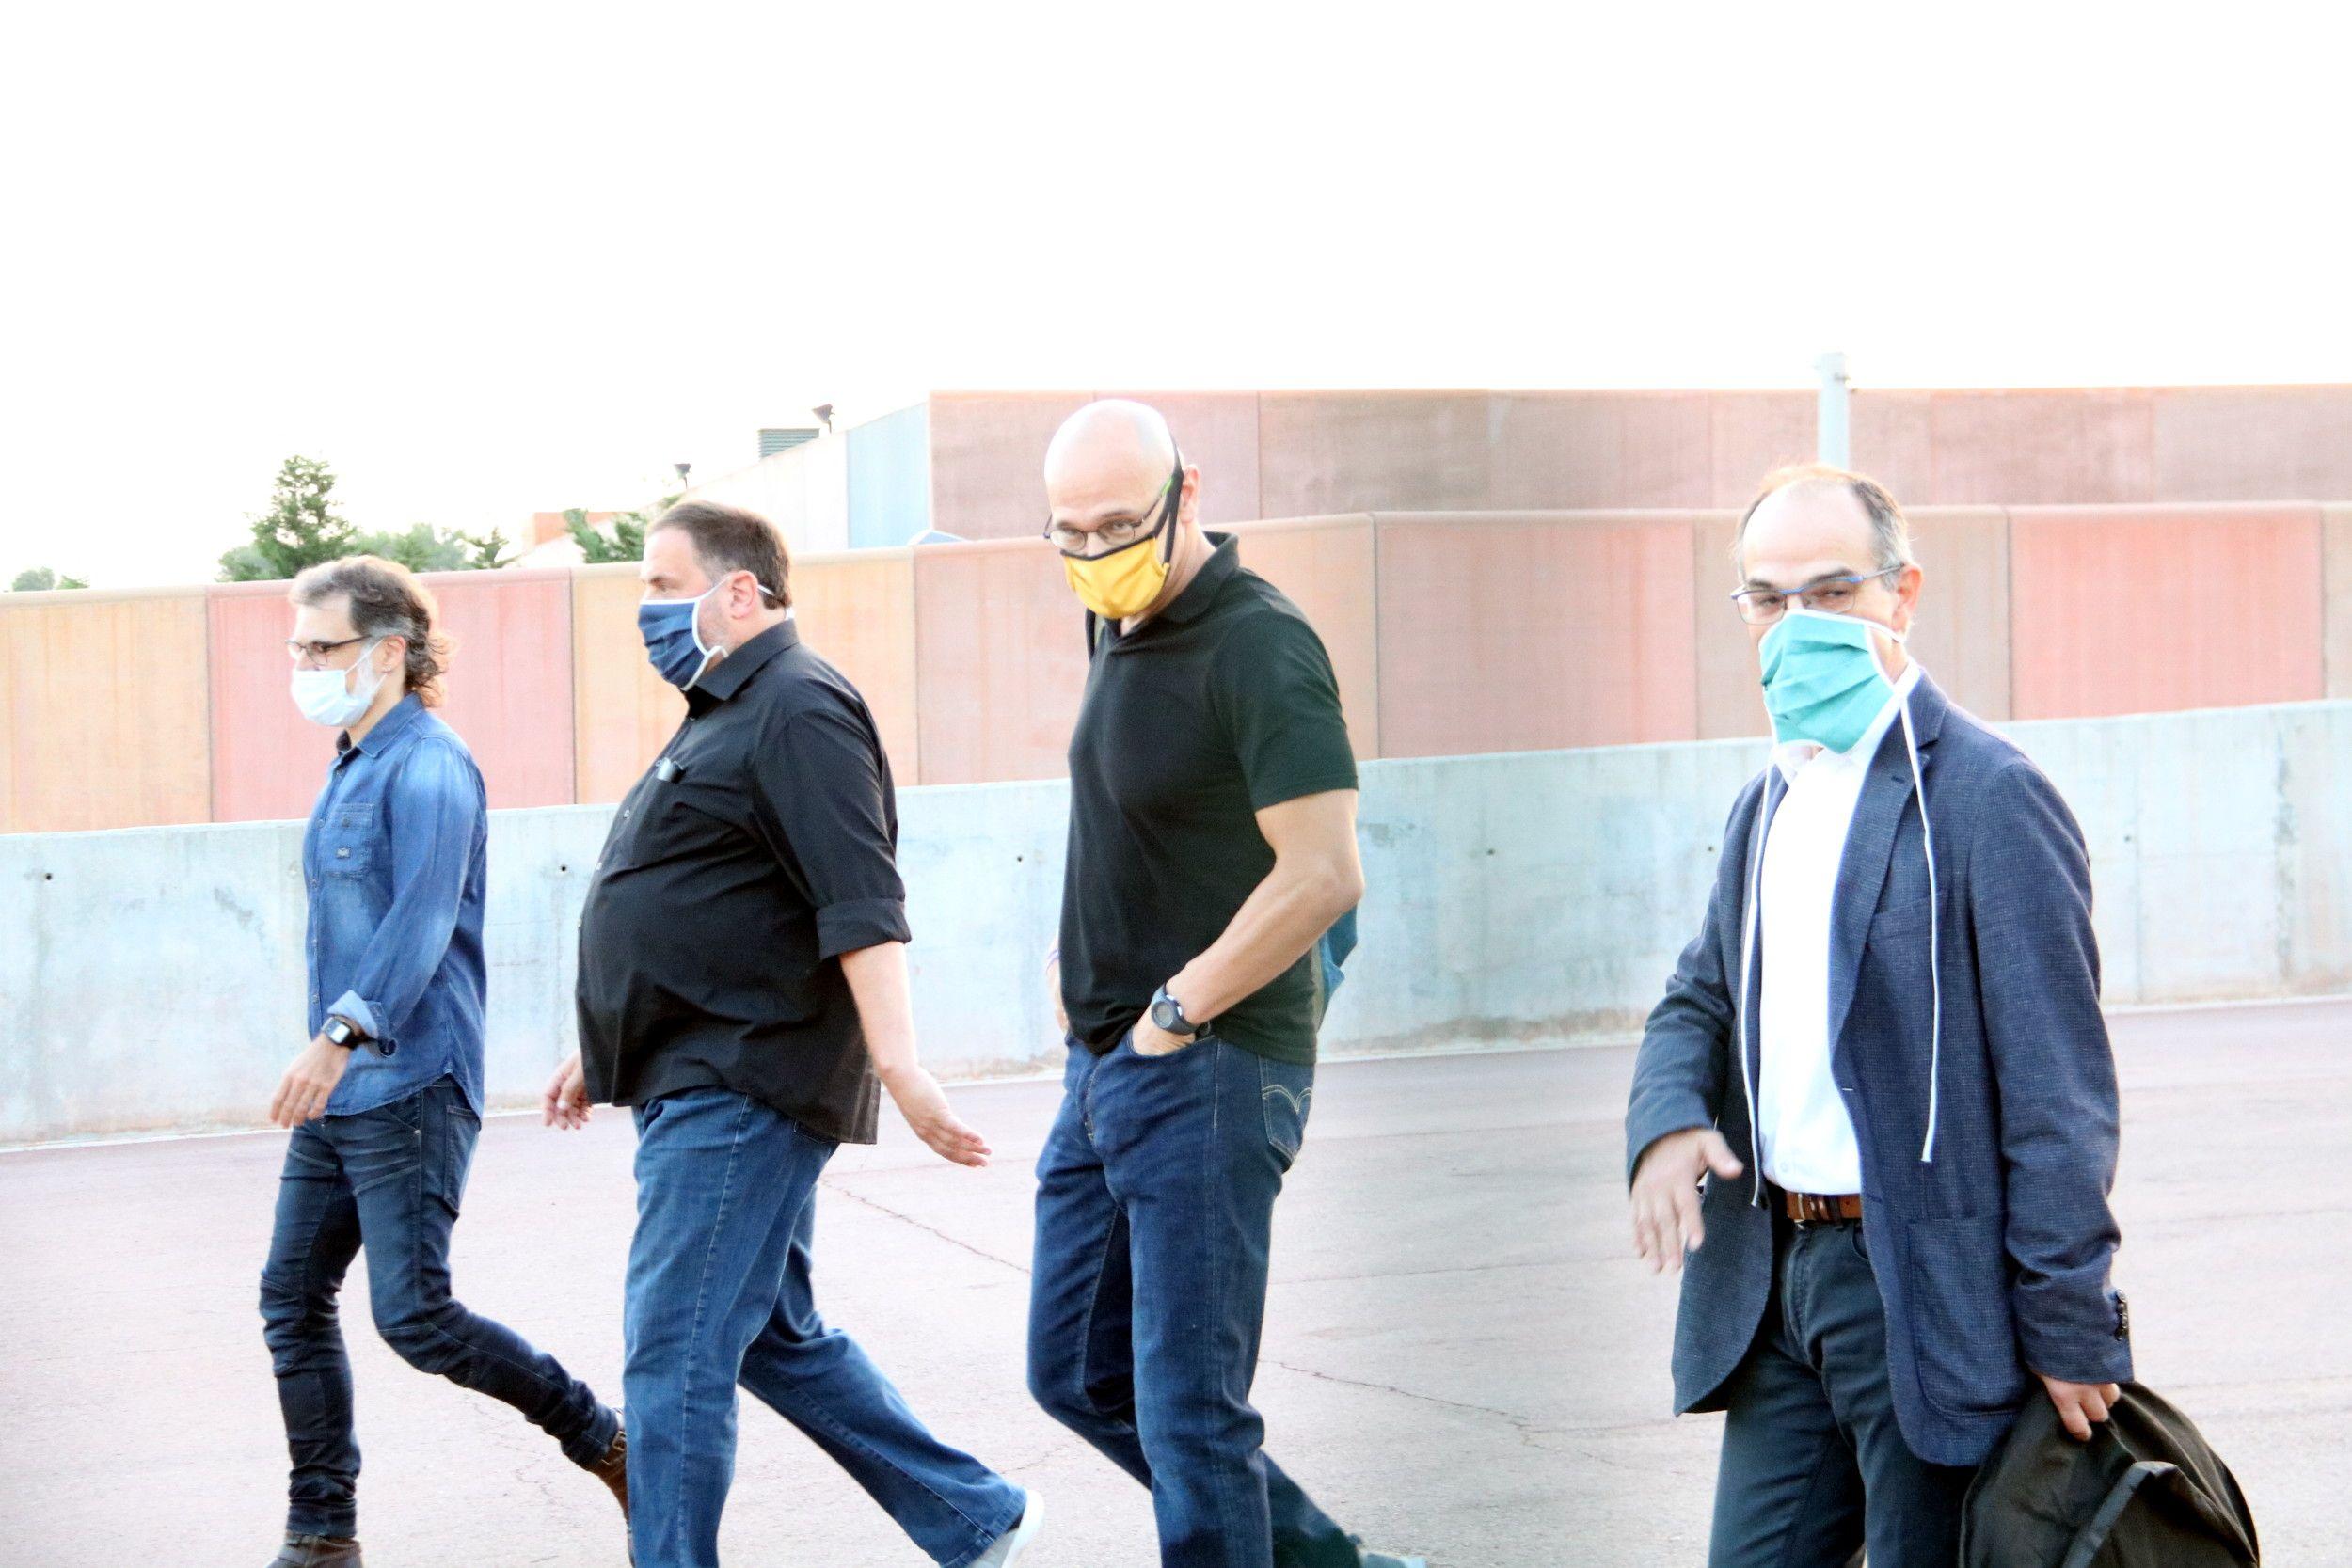 Els presos independentistes Jordi Turull, Ra?l Romeva, Oriol Junqueras i Jordi Cuixart surten caminant de la pres? de Lledoners